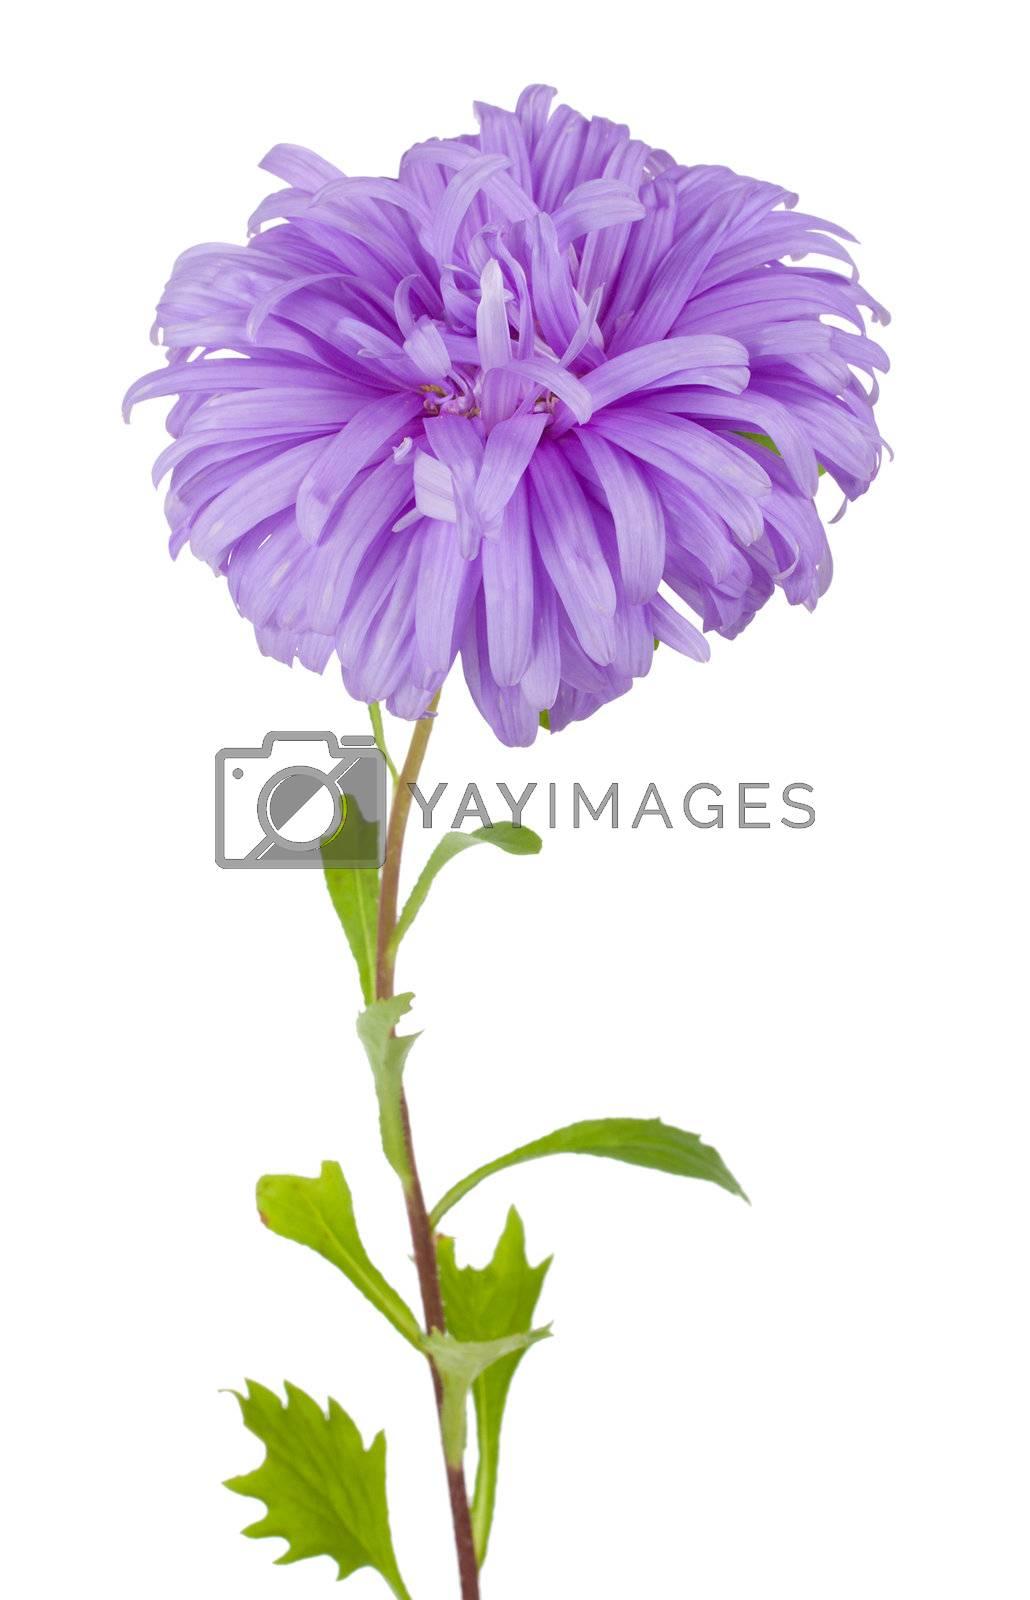 violet aster flower by Alekcey